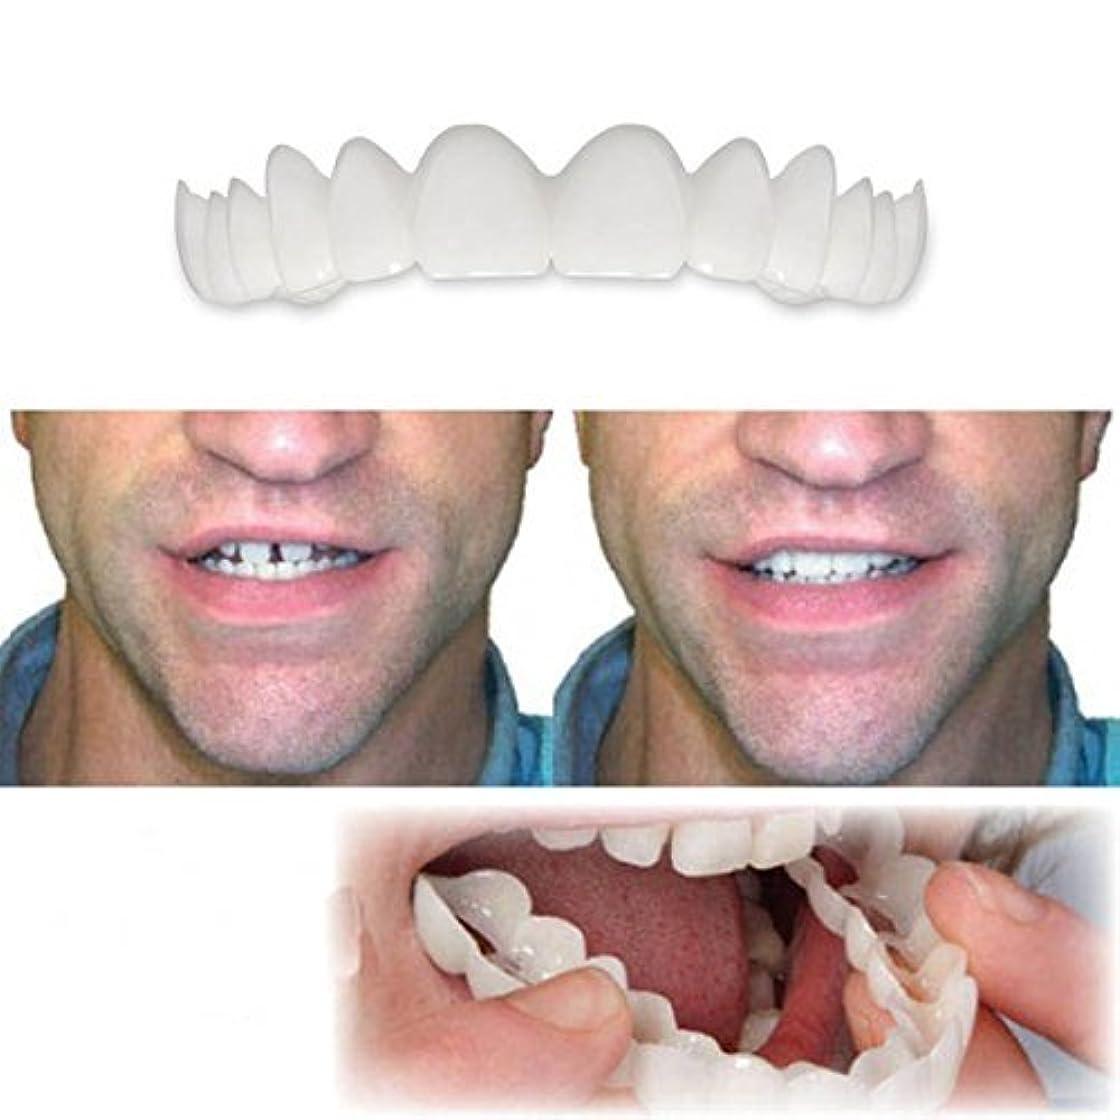 初期なんでも精緻化義歯上下義歯インスタントスマイルコンフォートフィットフレックスコスメティックティーストップ化粧品突き合わせ箱入り(下+上),3Pairs